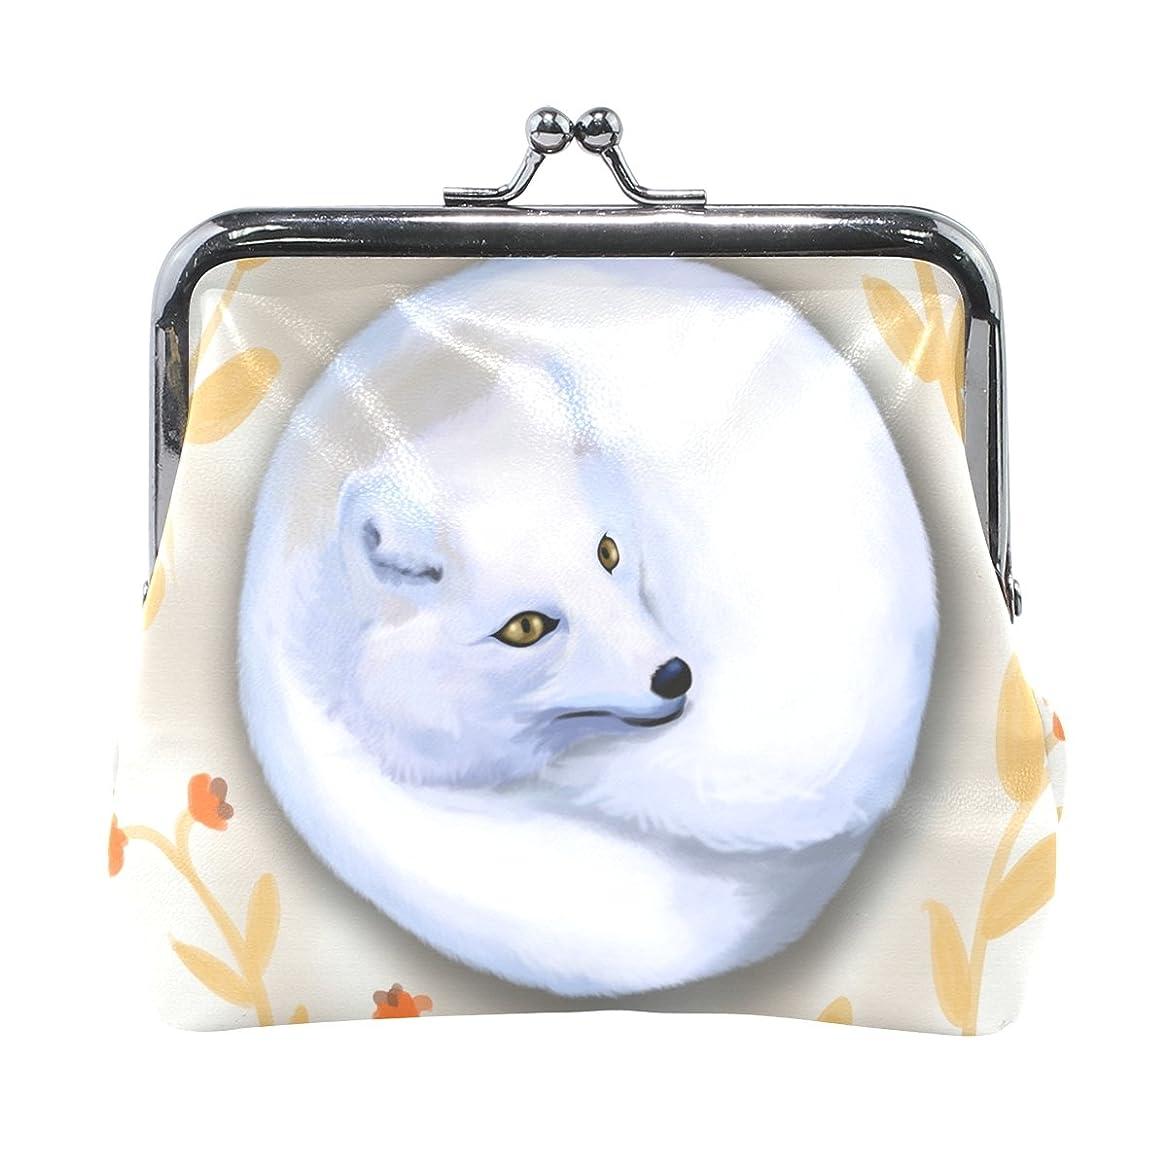 とは異なり構造的リズミカルなAOMOKI 財布 小銭入れ ガマ口 コインケース レディース メンズ レザー 狐 かわいい 白